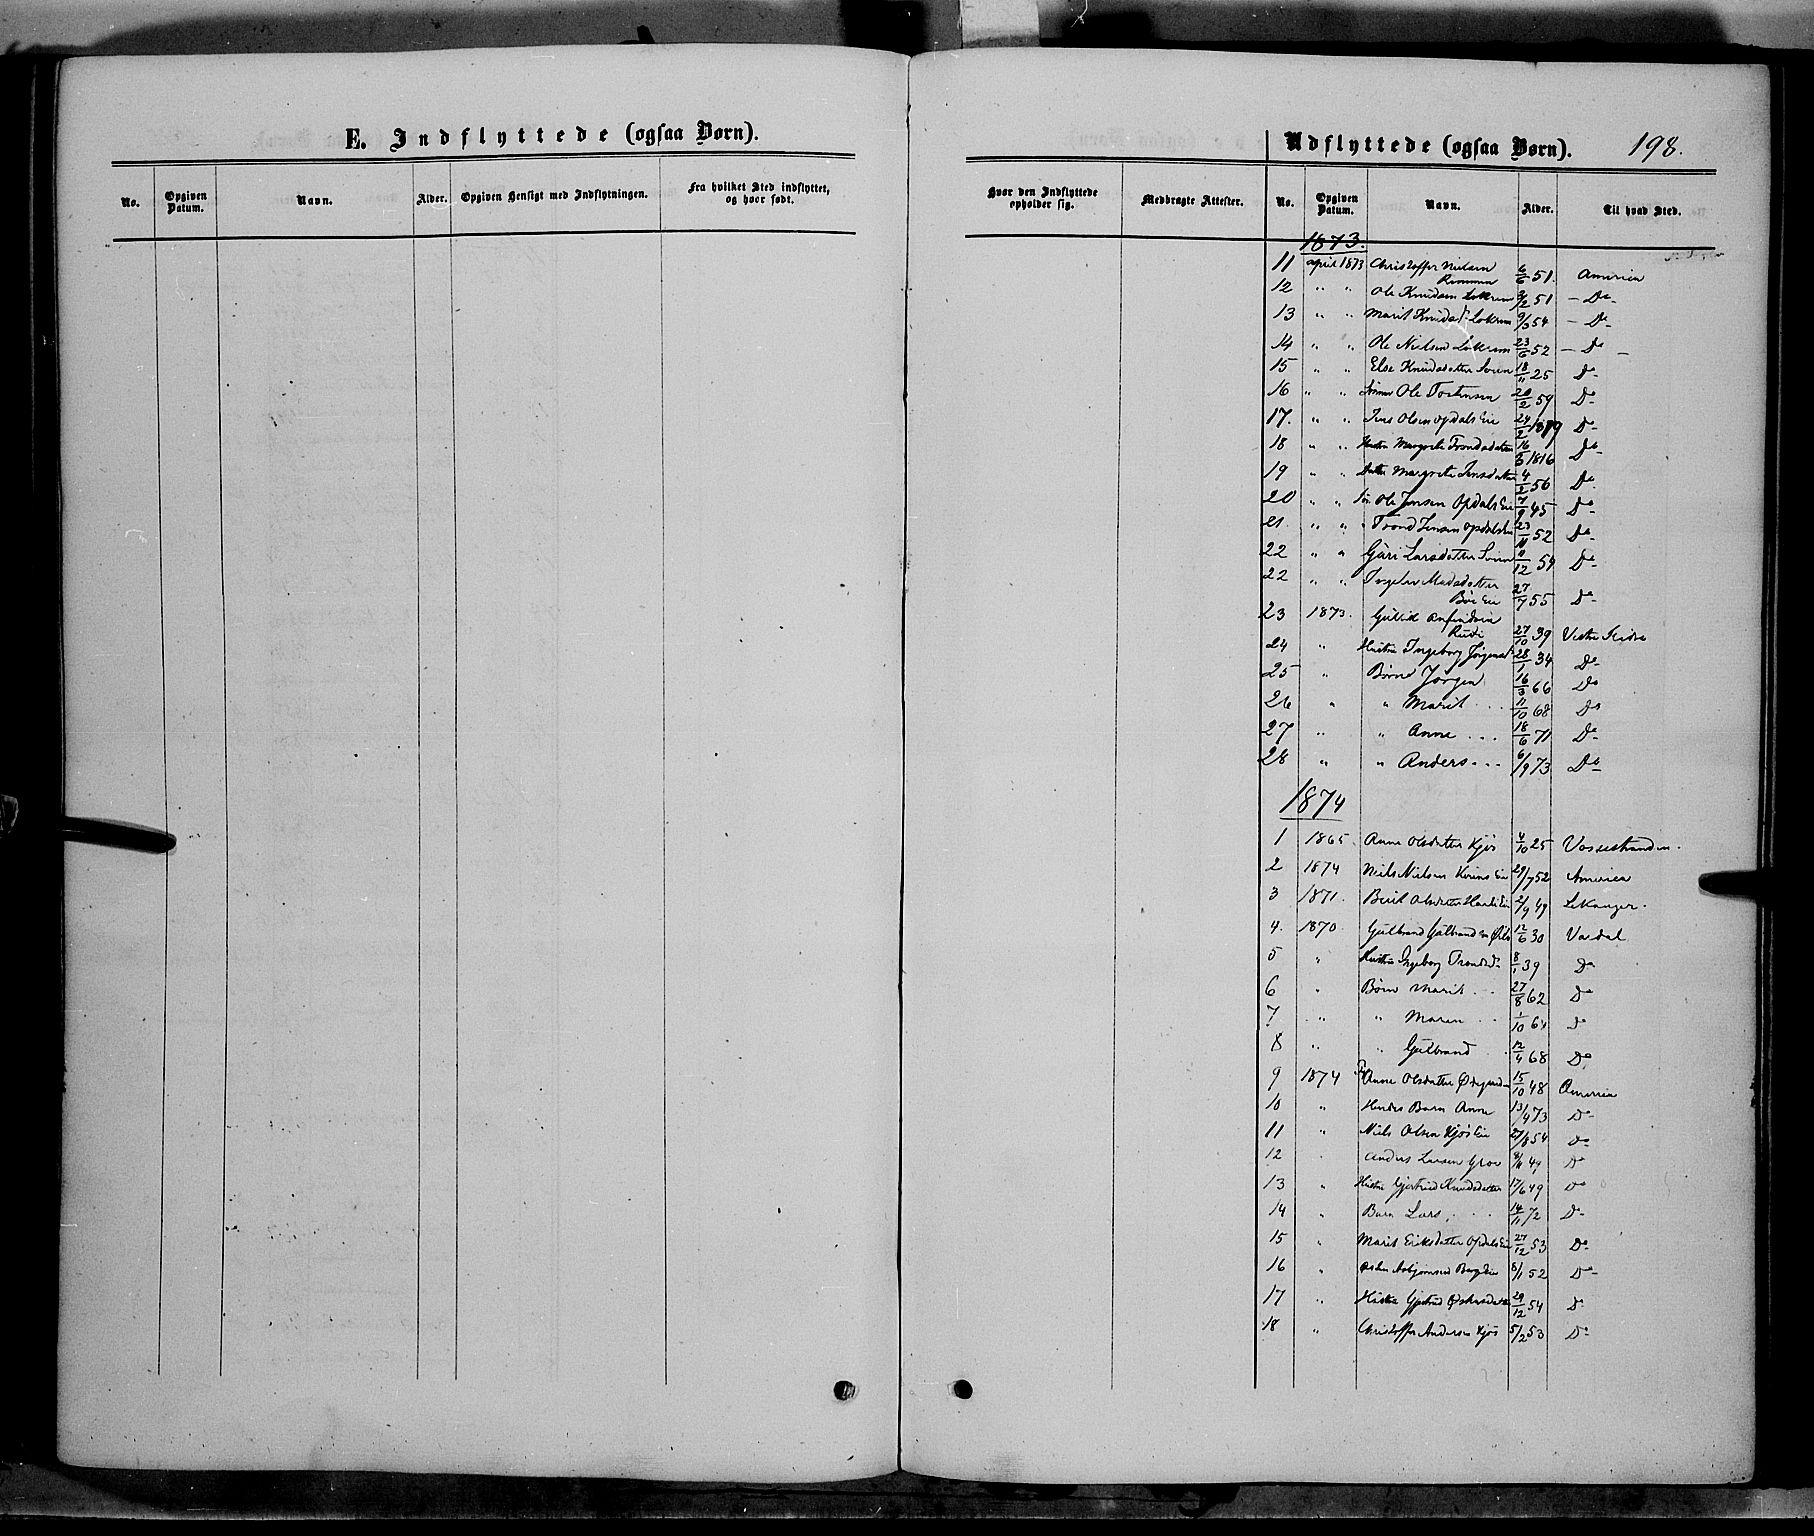 SAH, Vang prestekontor, Valdres, Ministerialbok nr. 7, 1865-1881, s. 198